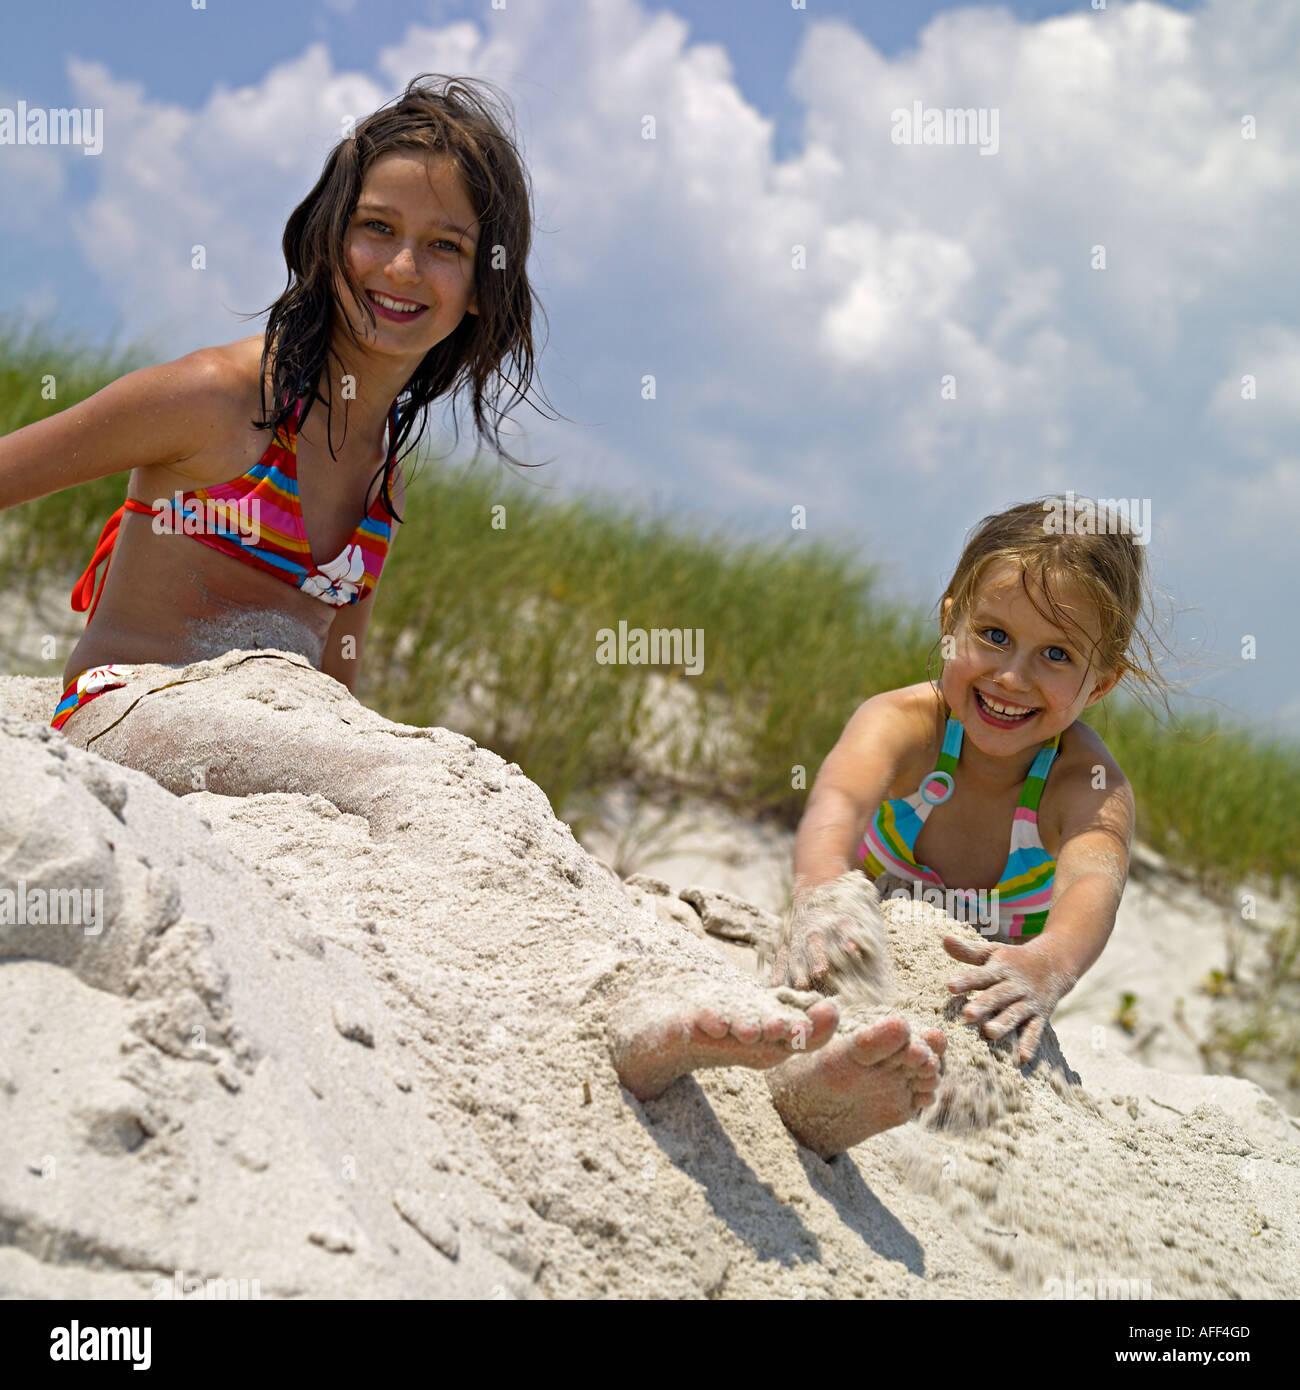 Jeune fille de 12 ans sur la plage de Photo Stock - Alamy